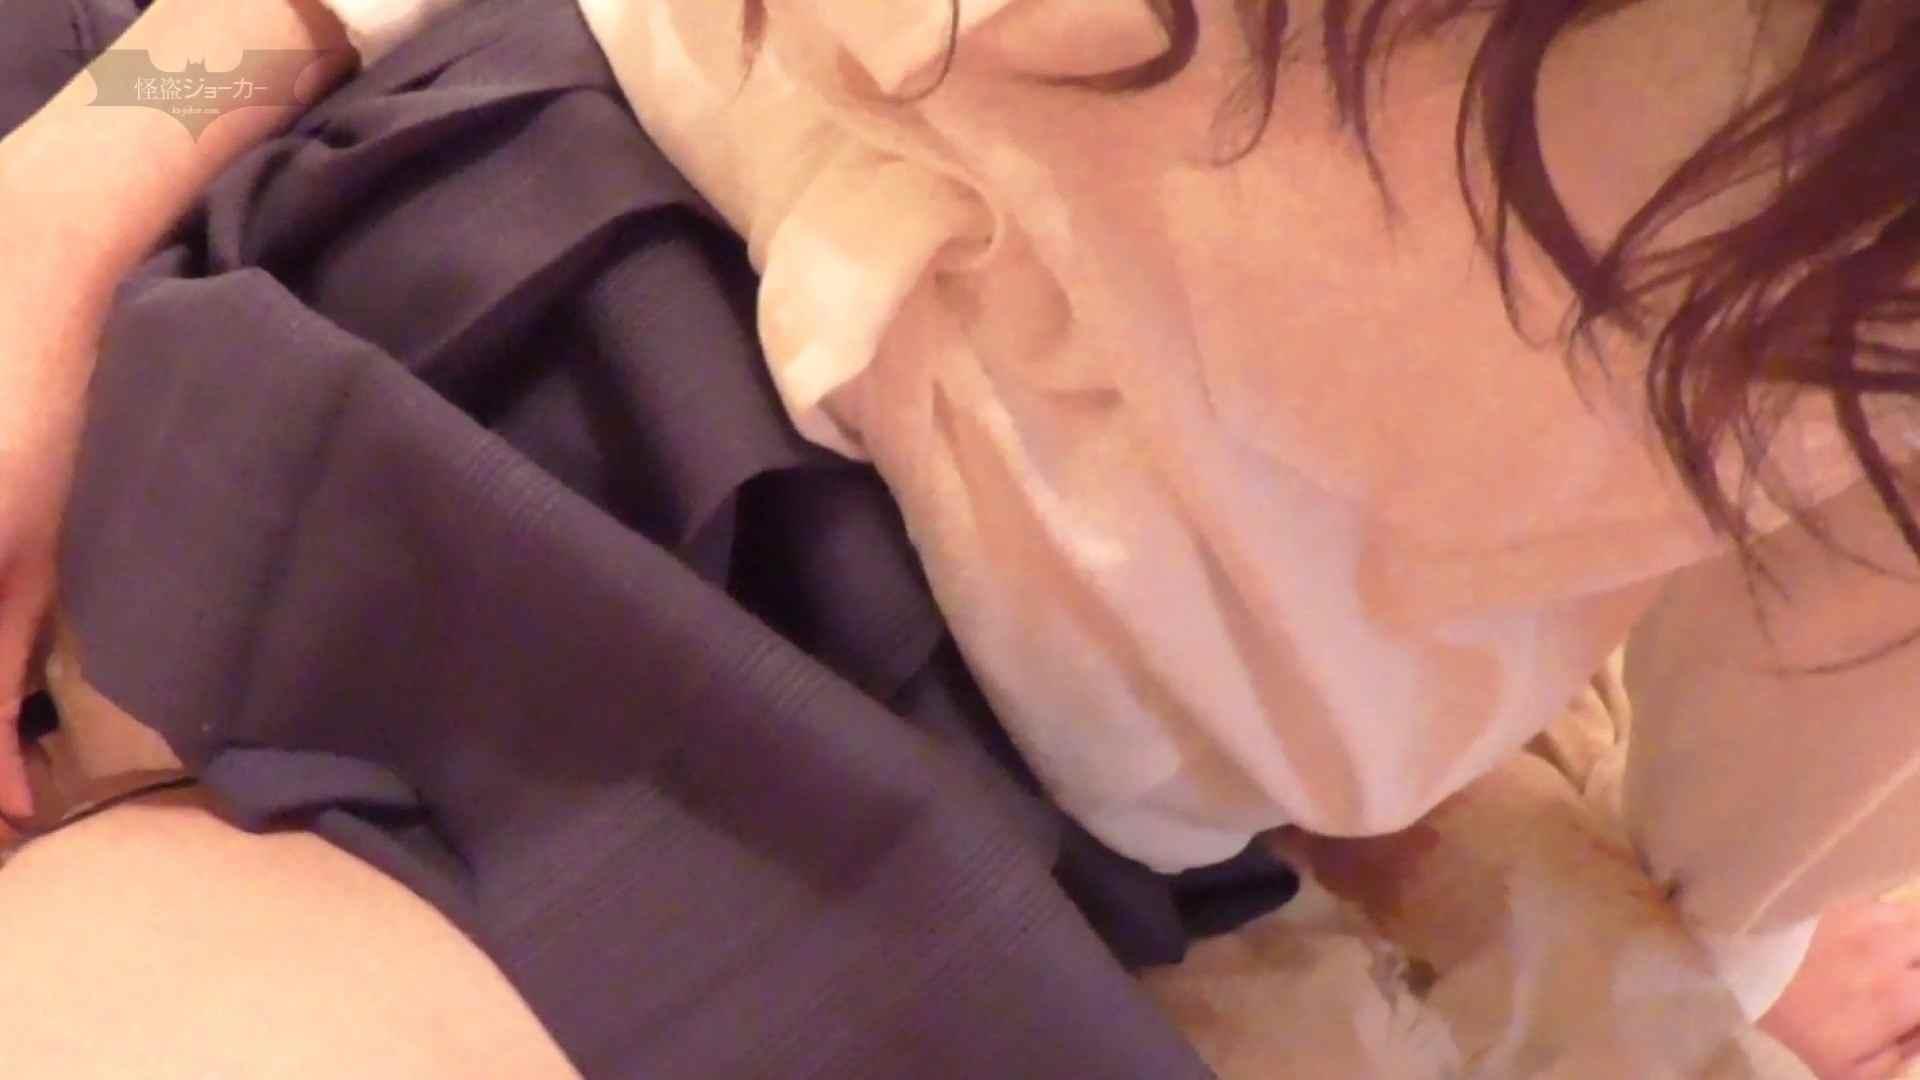 パンツを売る女 Vol.18 最近のSEIFUKUは話が早いっ!舐めるの上手いっ 丸見え AV無料 102枚 47